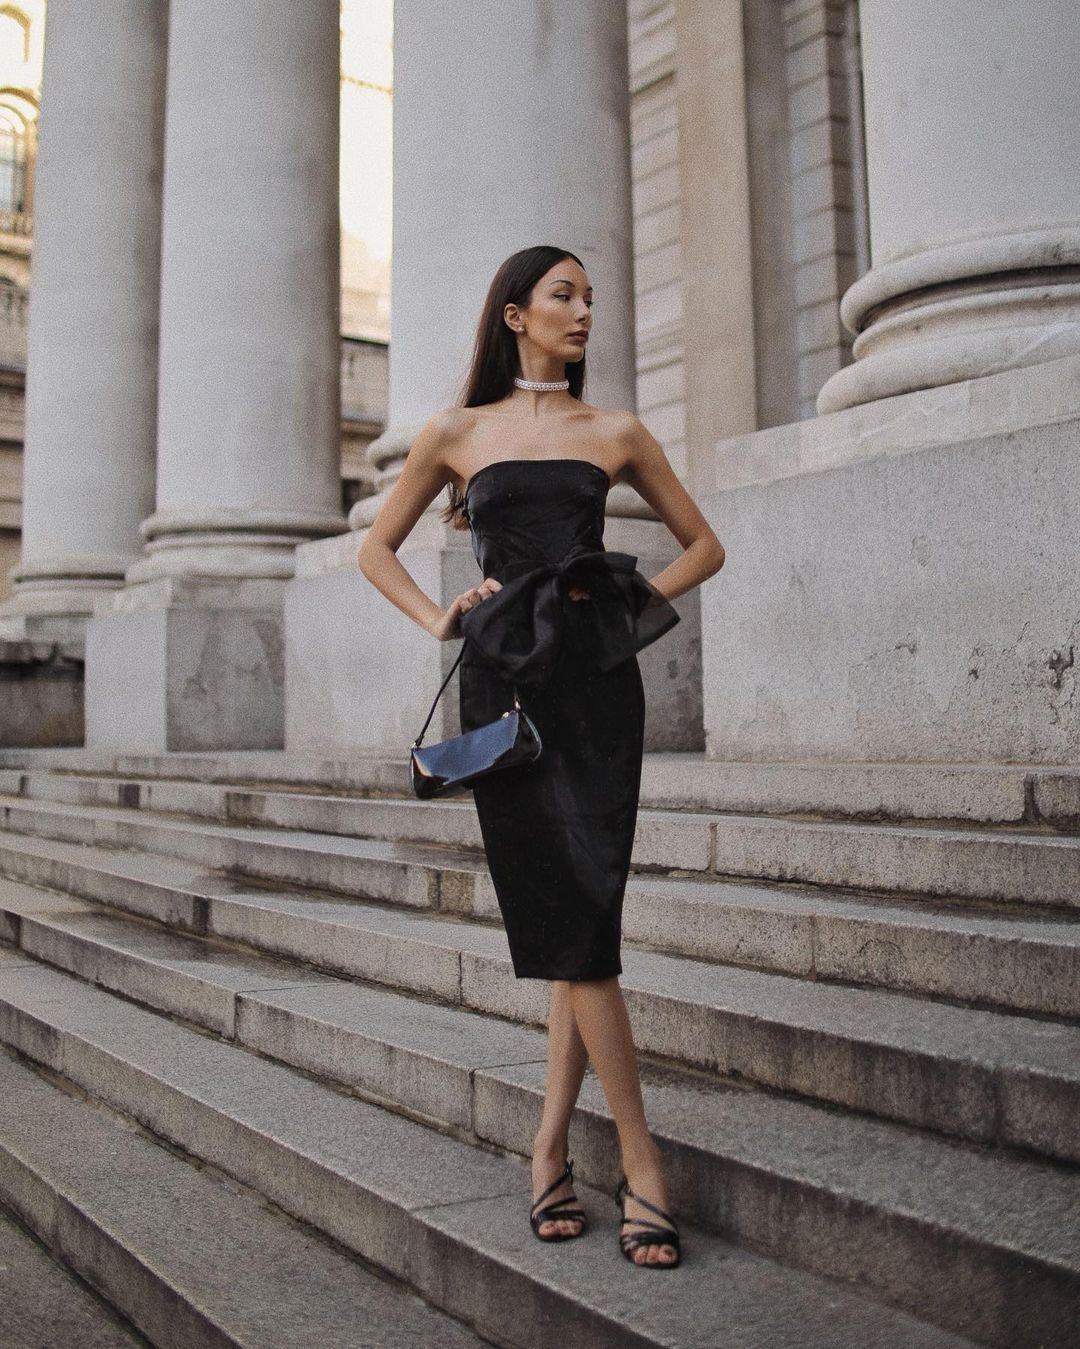 dress code váy đen đi tiệc trang trọng